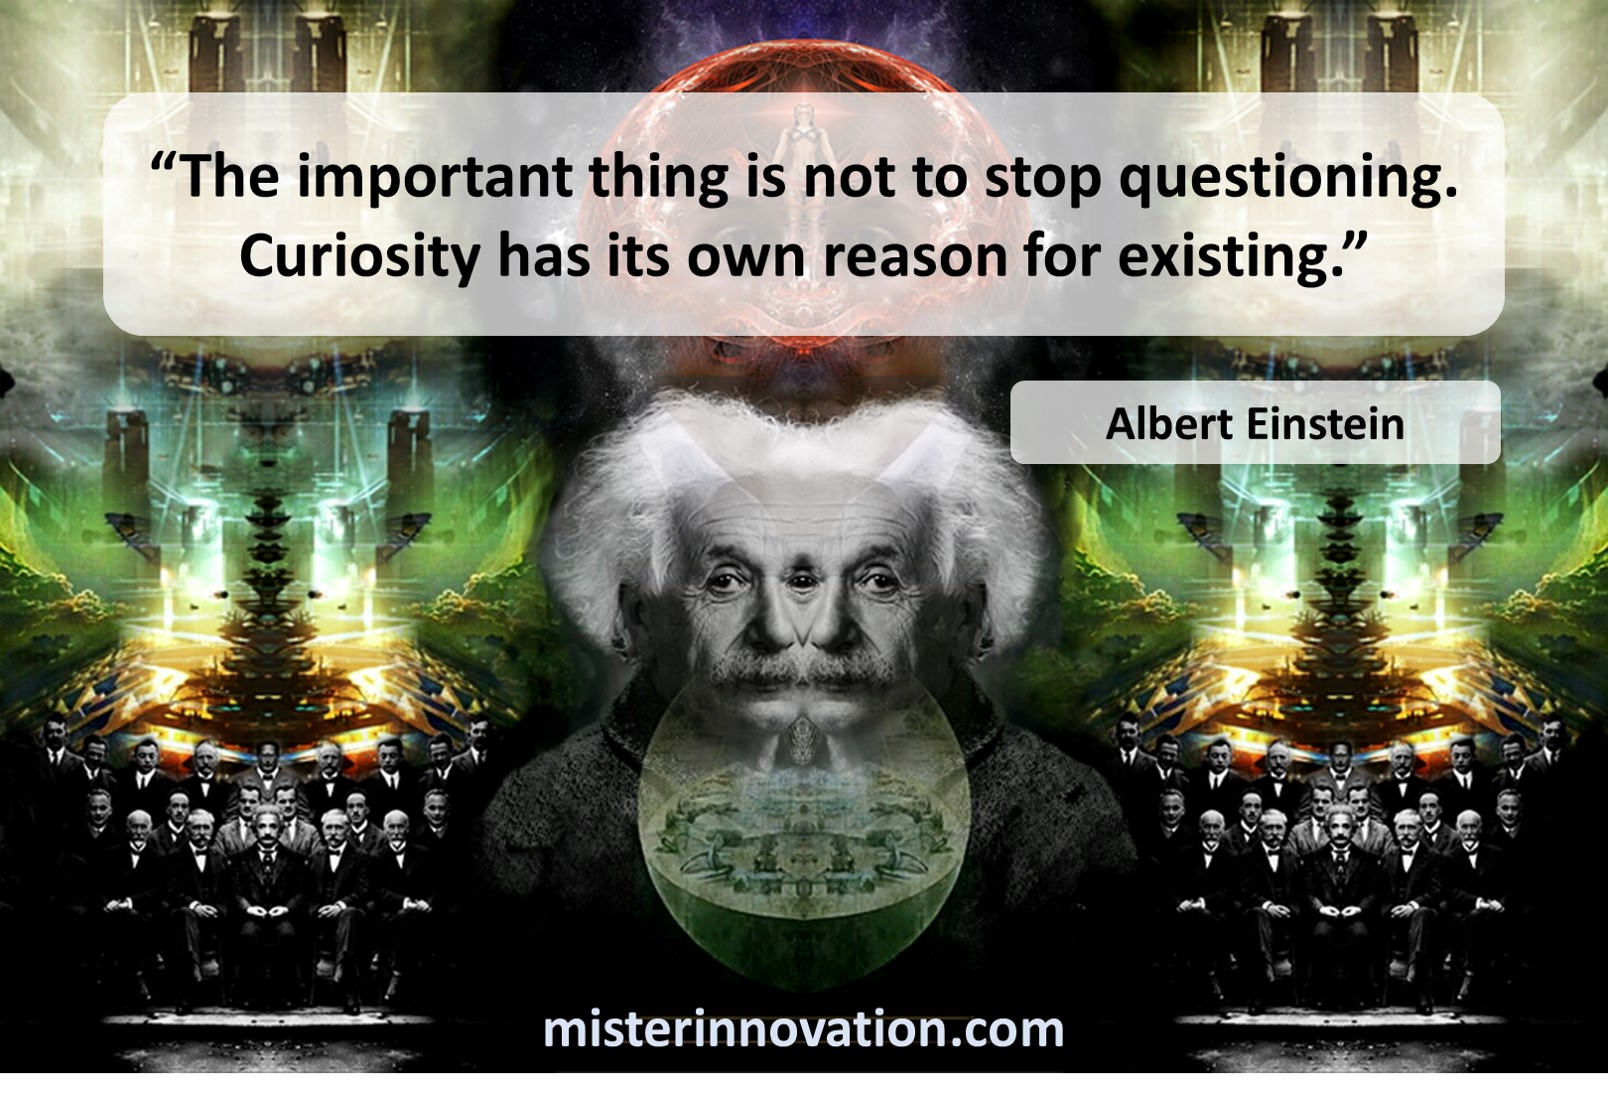 Albert Einstein Curiosity and Questioning